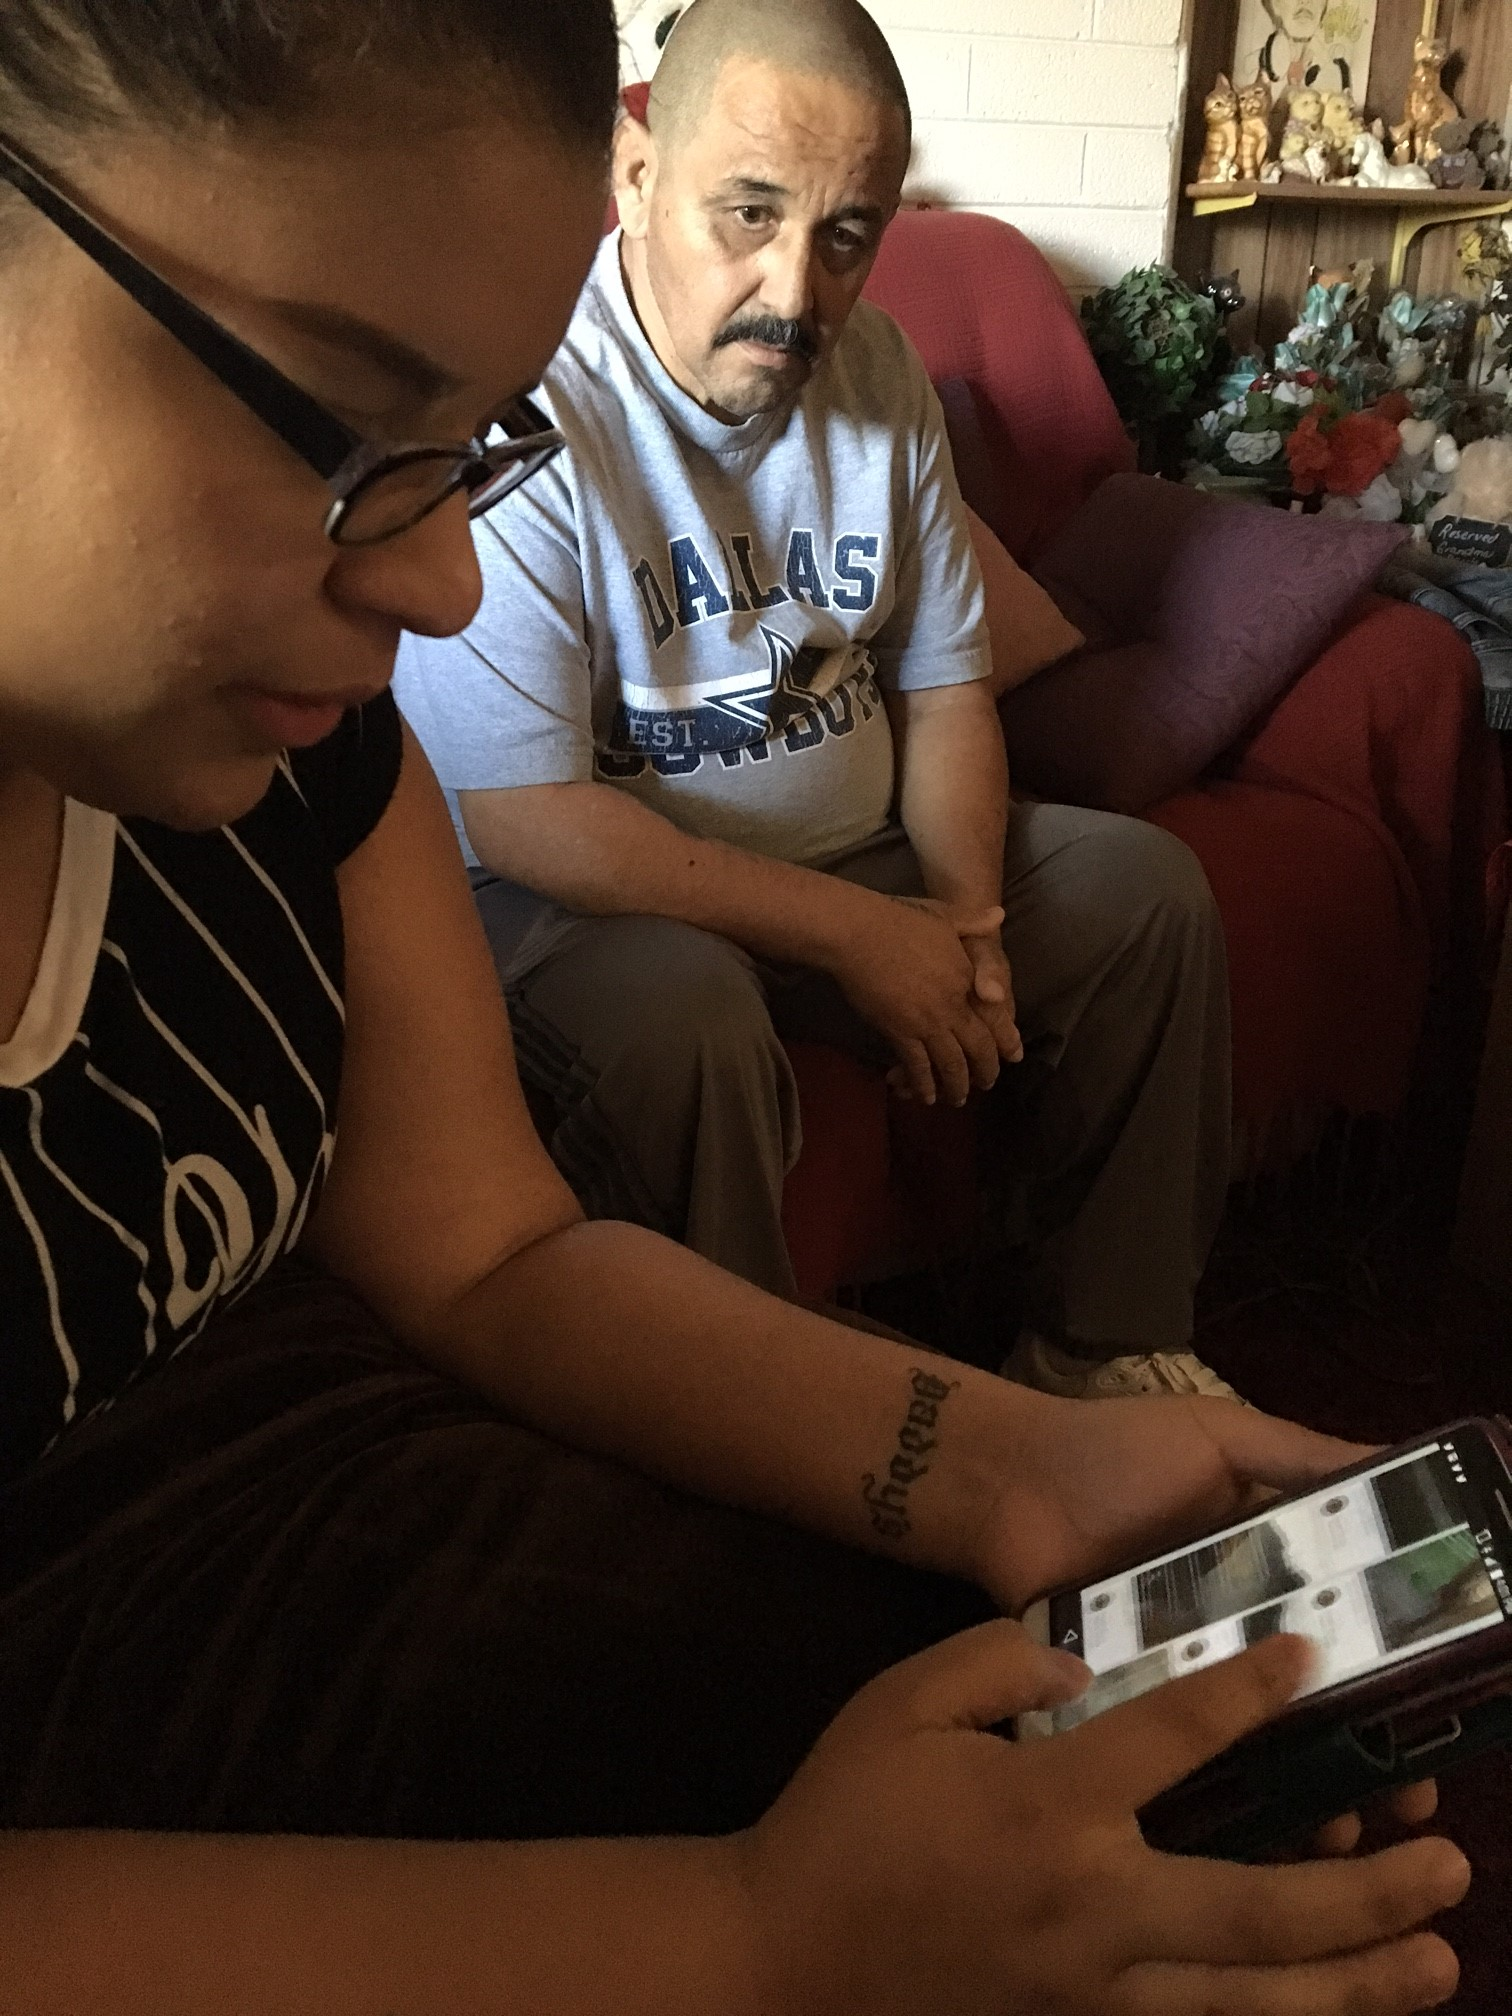 Paulita Varela, 20 años, junto a su tío Tony Varela hablando sobre el crimen de odio que se cometió contra Juan Varela -padre de la joven- en el 2010. Foto: Valeria Fernández.